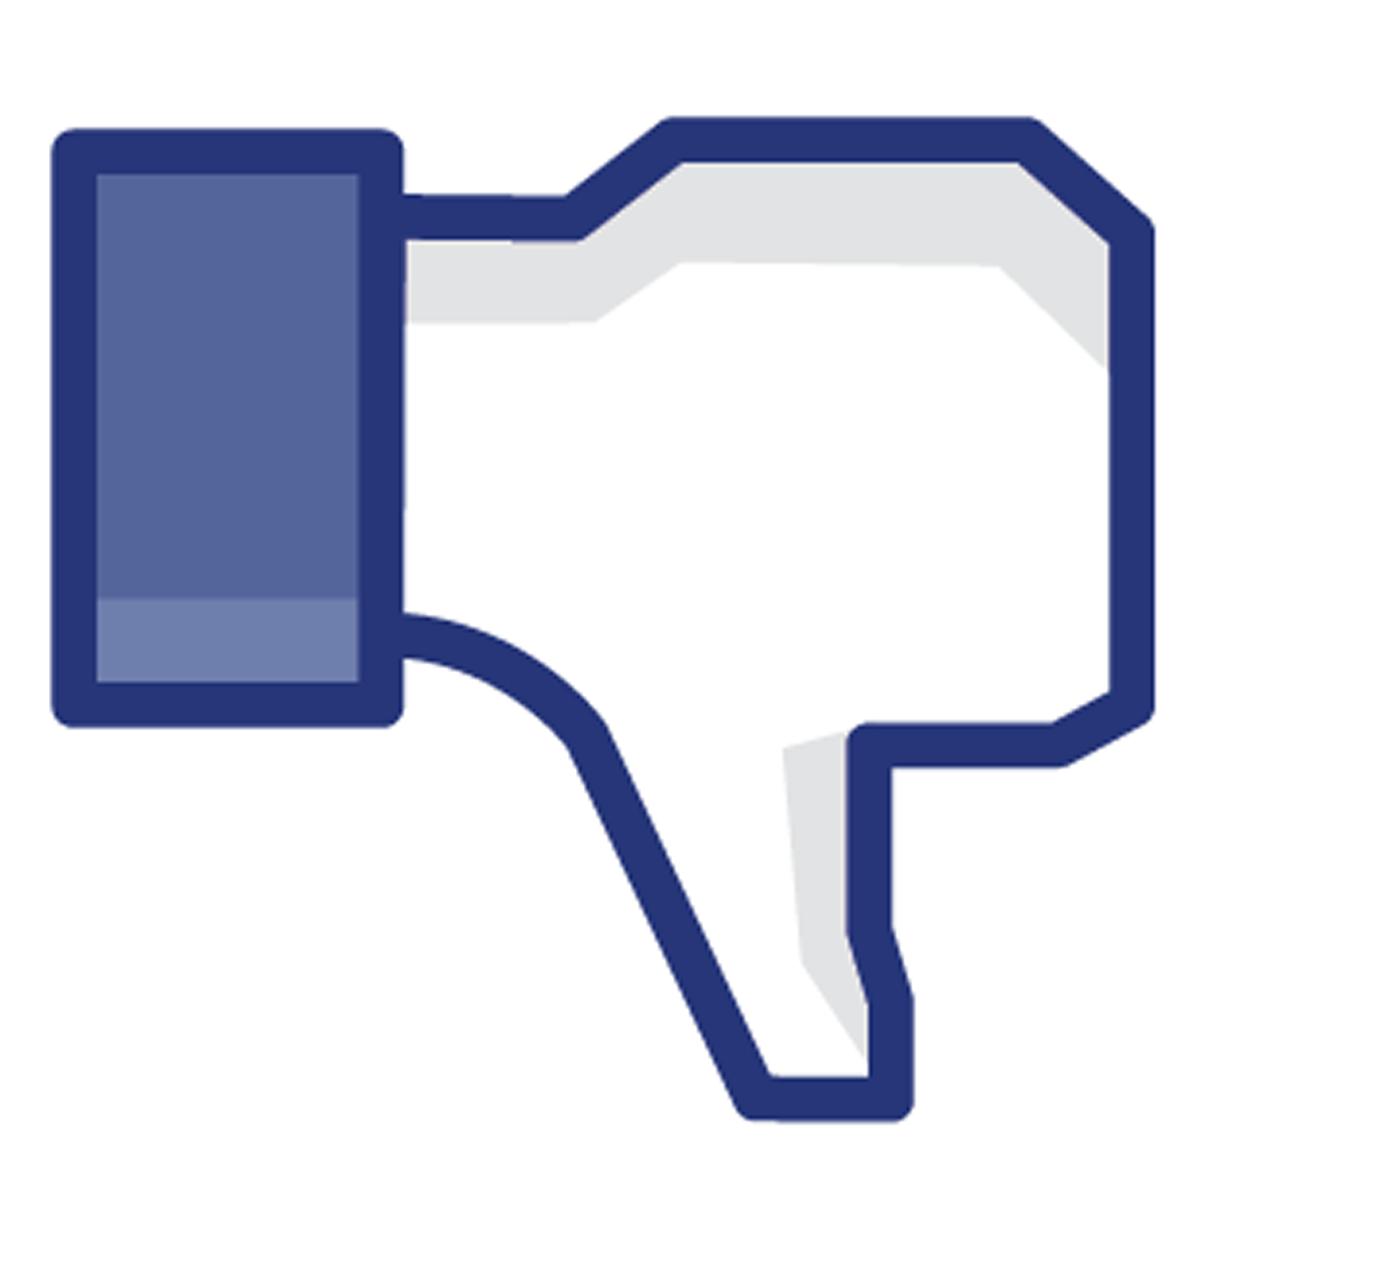 Que es lo que esta pasando con Facebook